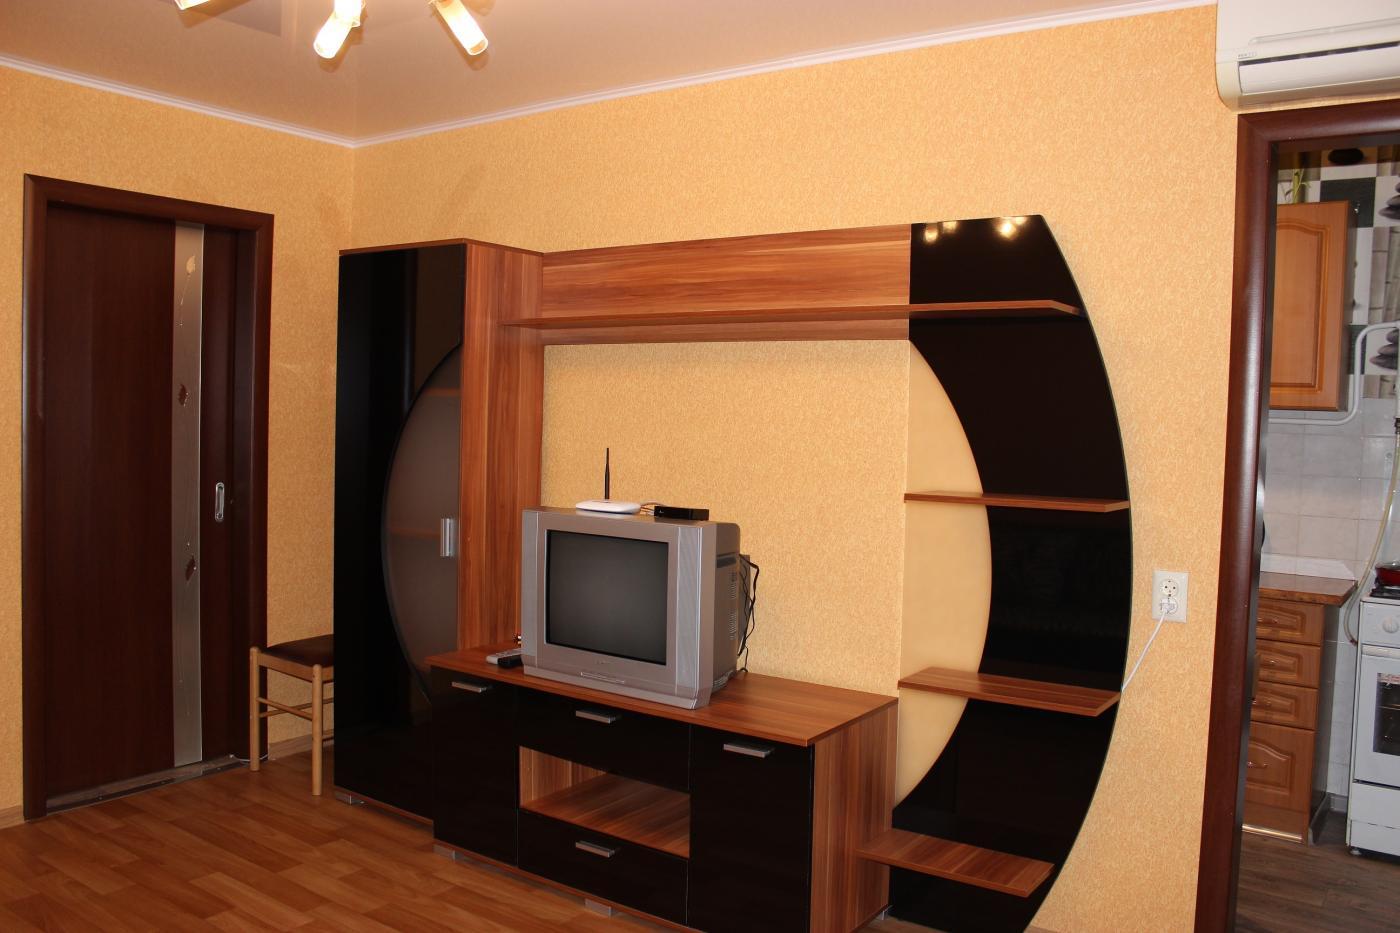 2-комнатная квартира посуточно (вариант № 814), ул. Гоголя улица, фото № 2